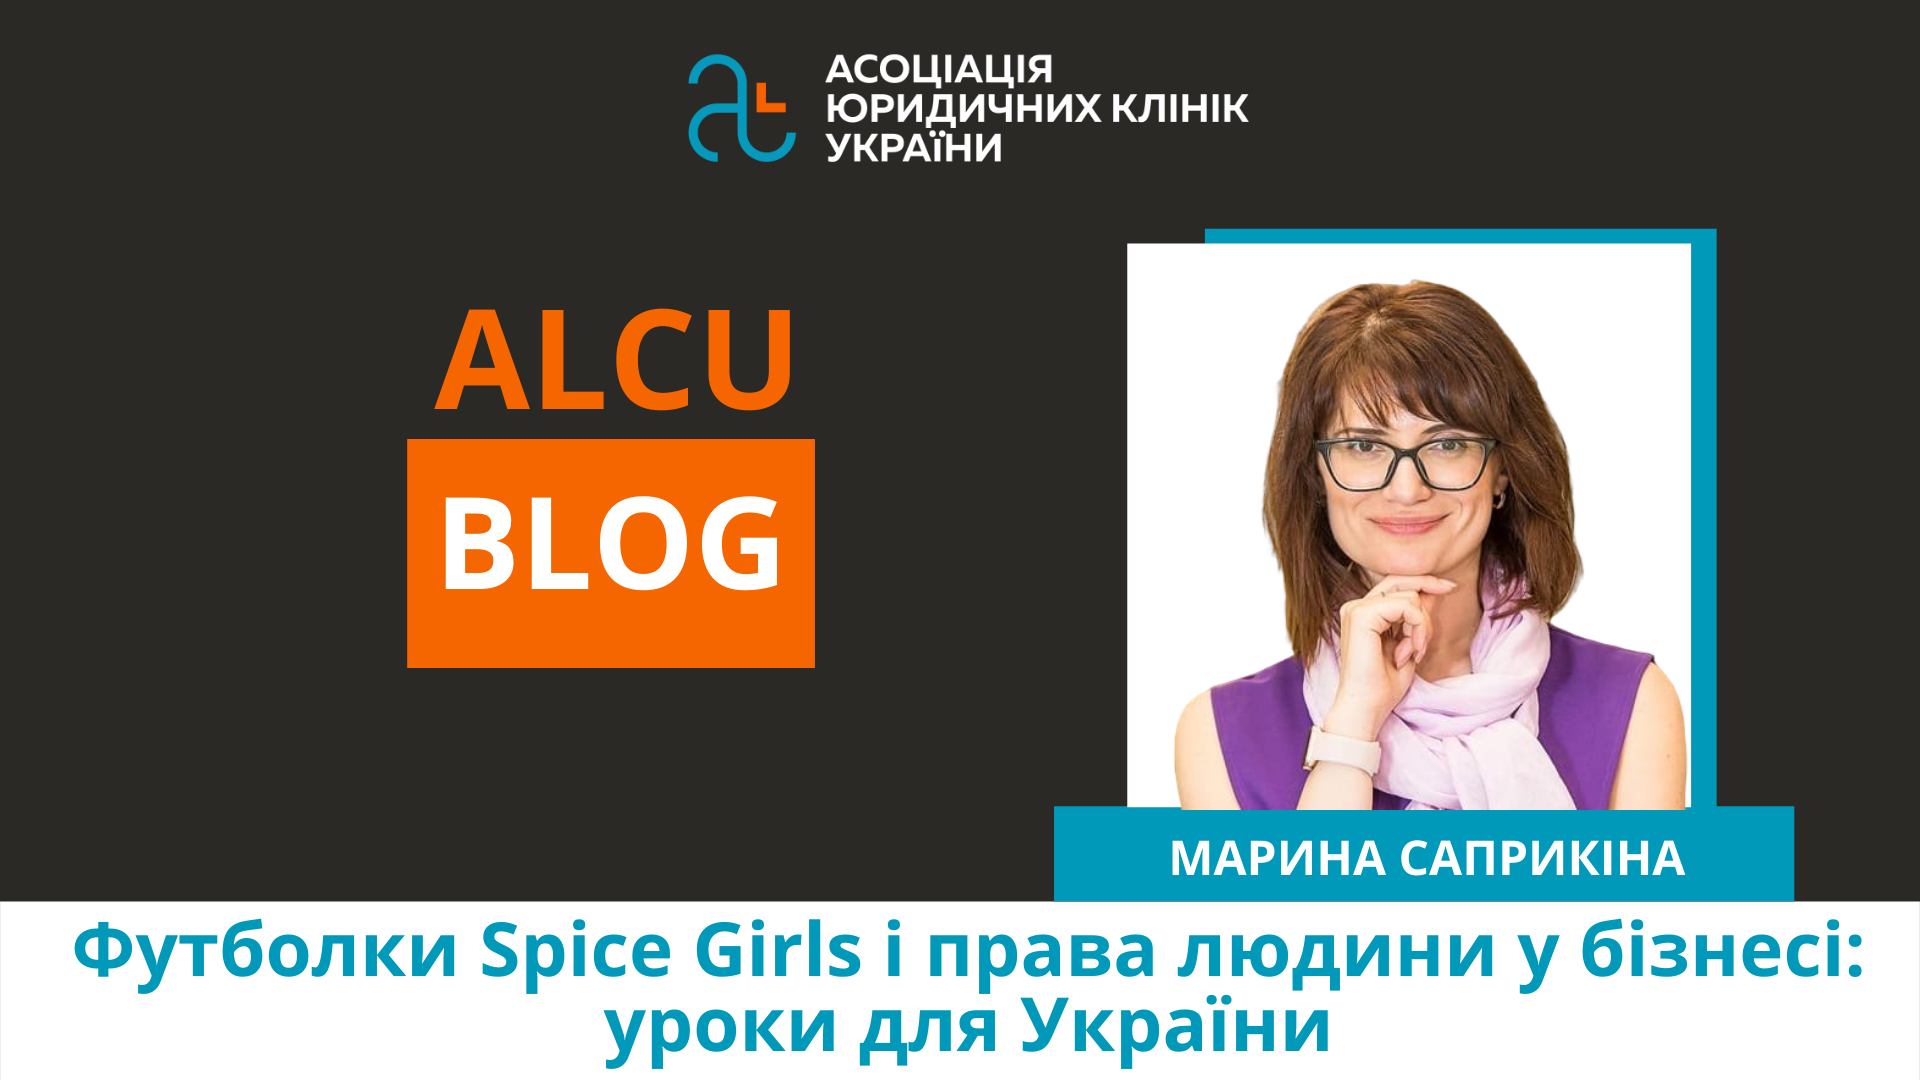 Футболки Spice Girls і права людини у бізнесі: уроки для України